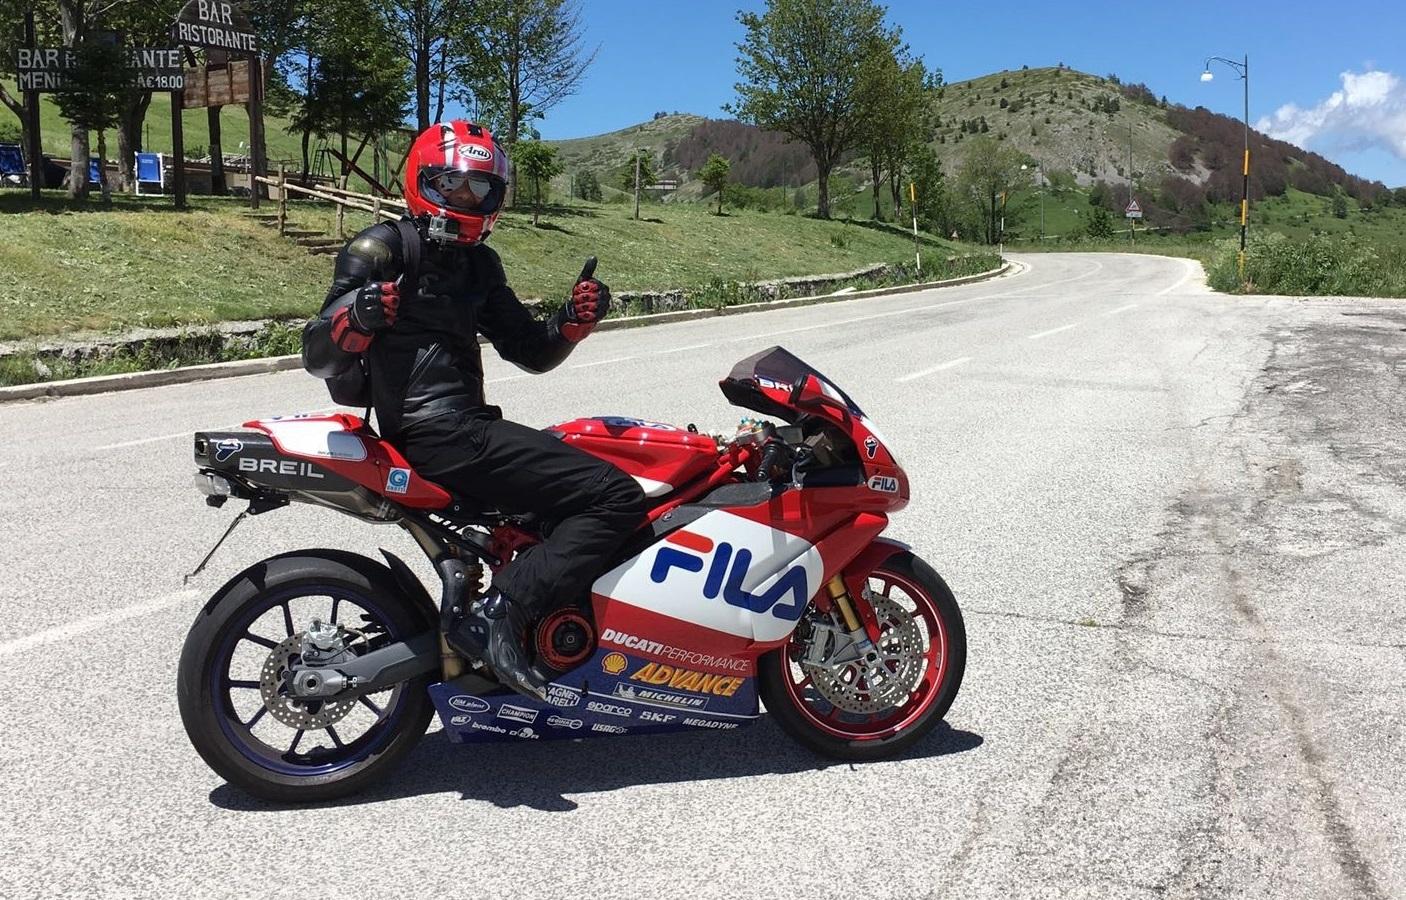 Ducati 999R Fila Wordpress